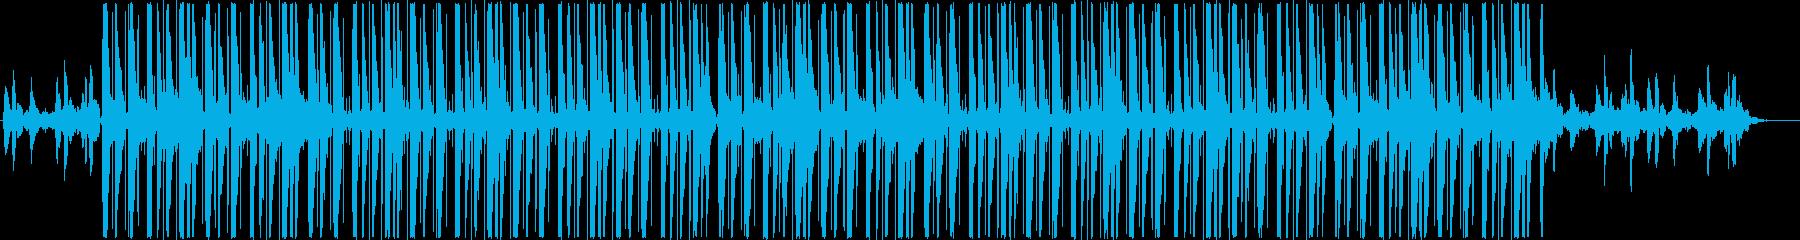 チルアウト、ローファイR&Bトラック♪の再生済みの波形